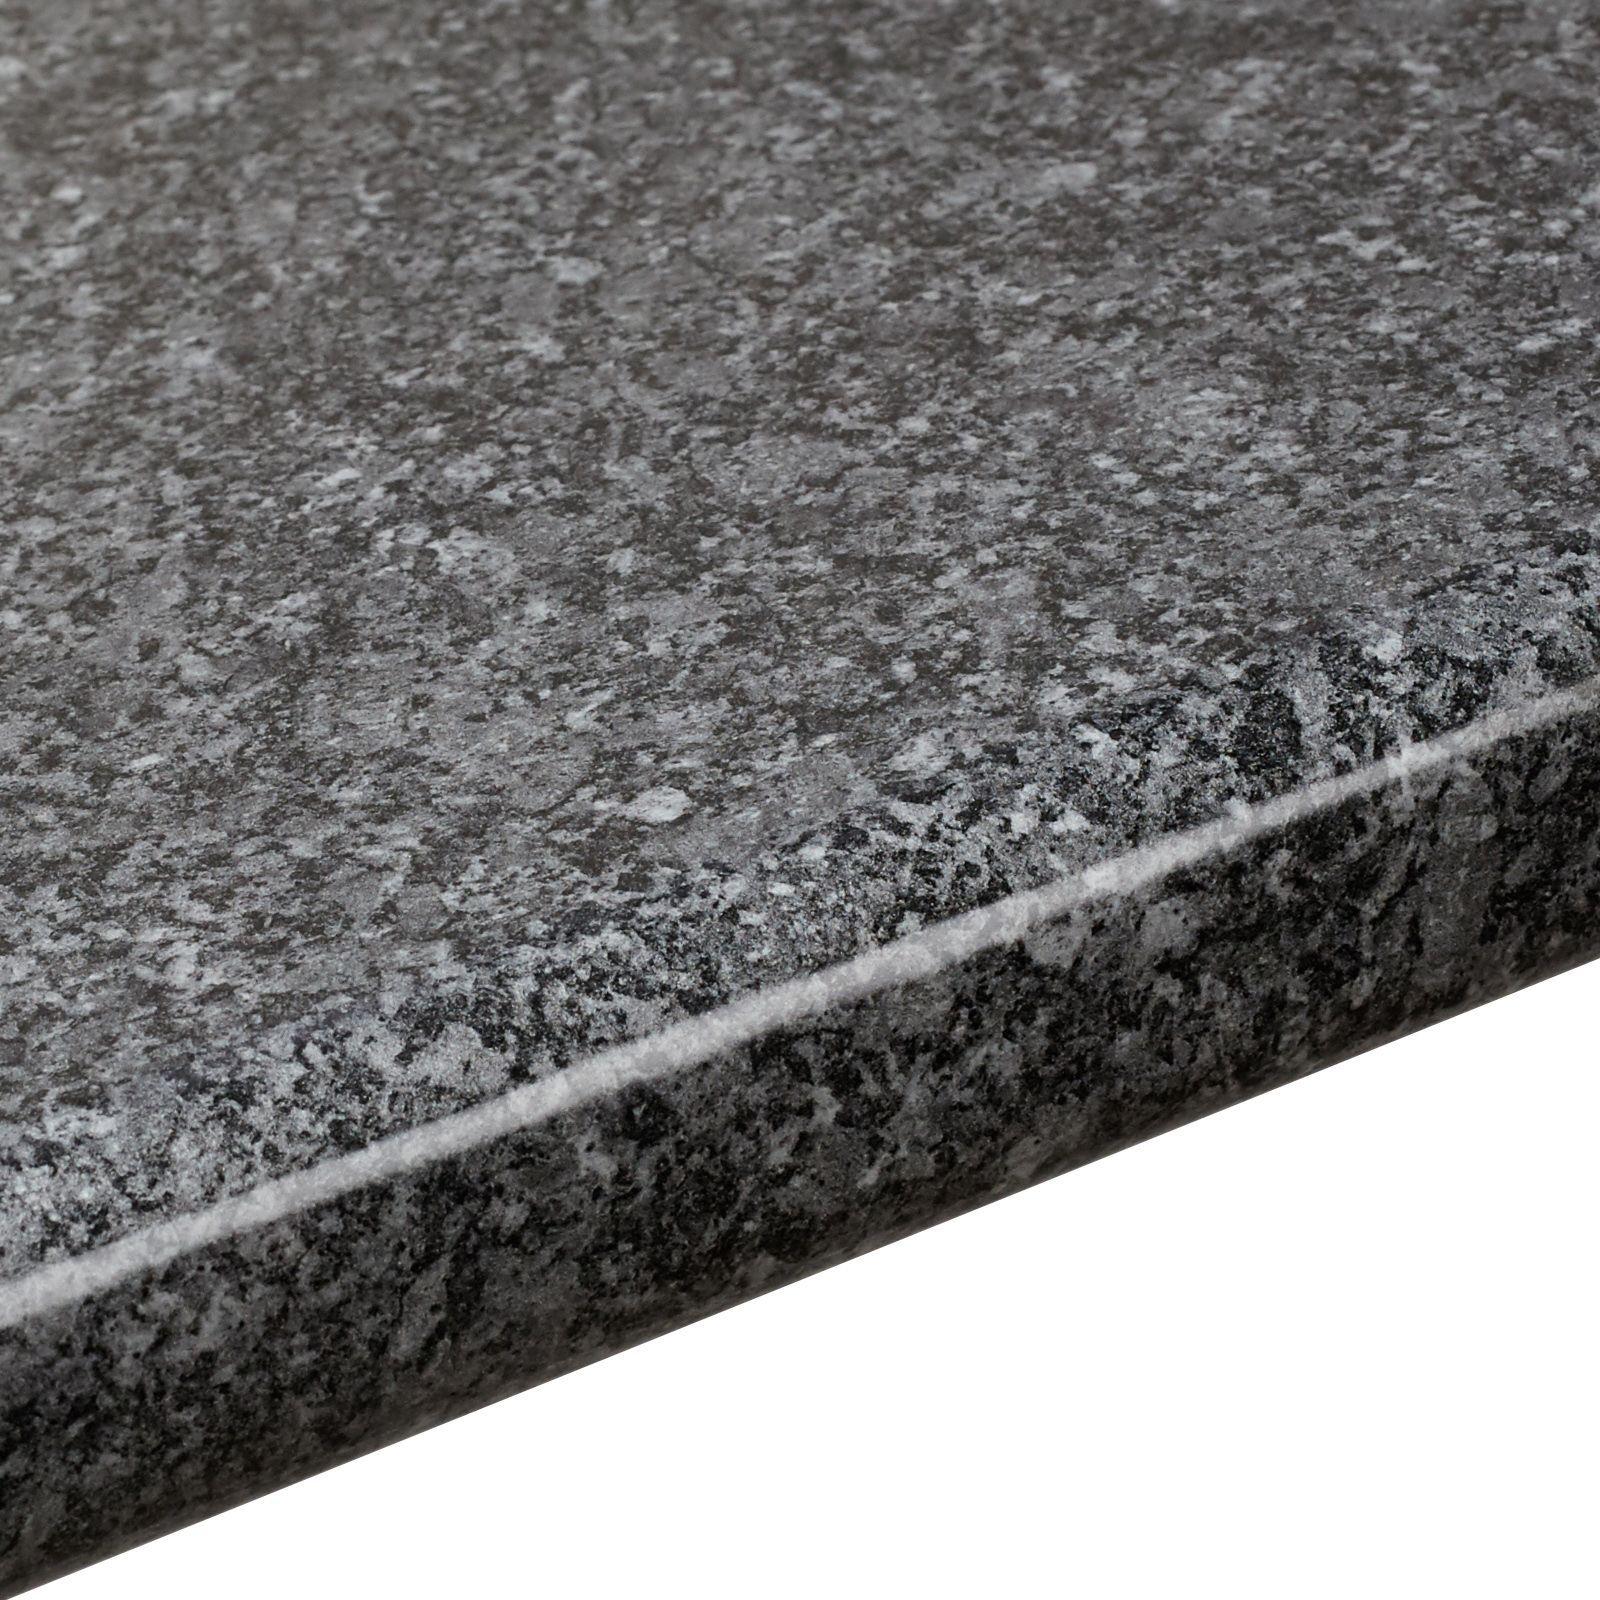 38mm B Amp Q Black Quartz Gloss Round Edge Kitchen Worktop L